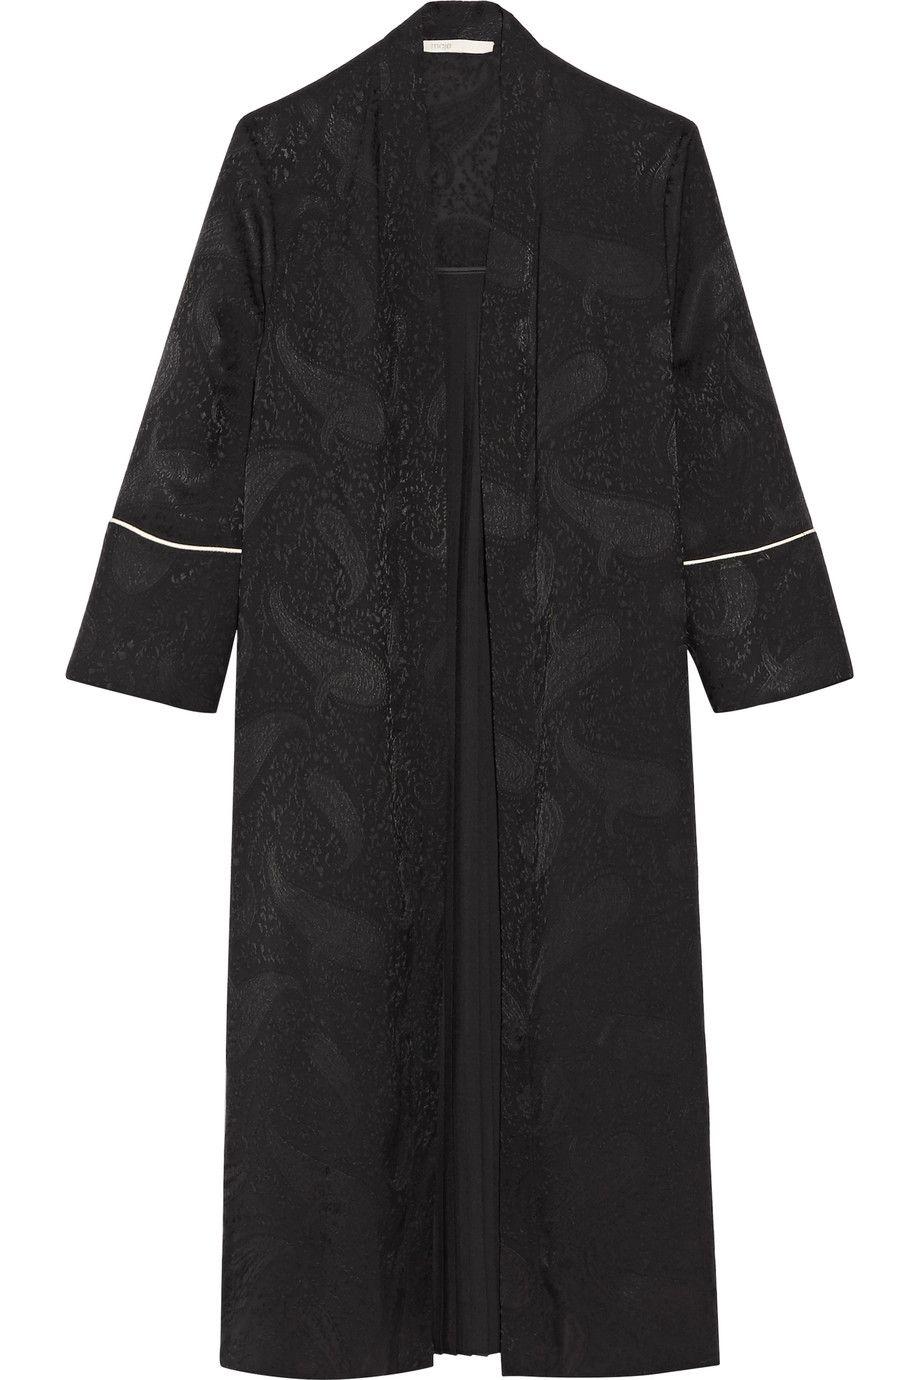 Maje | Pleated jacquard kimono | NET-A-PORTER.COM